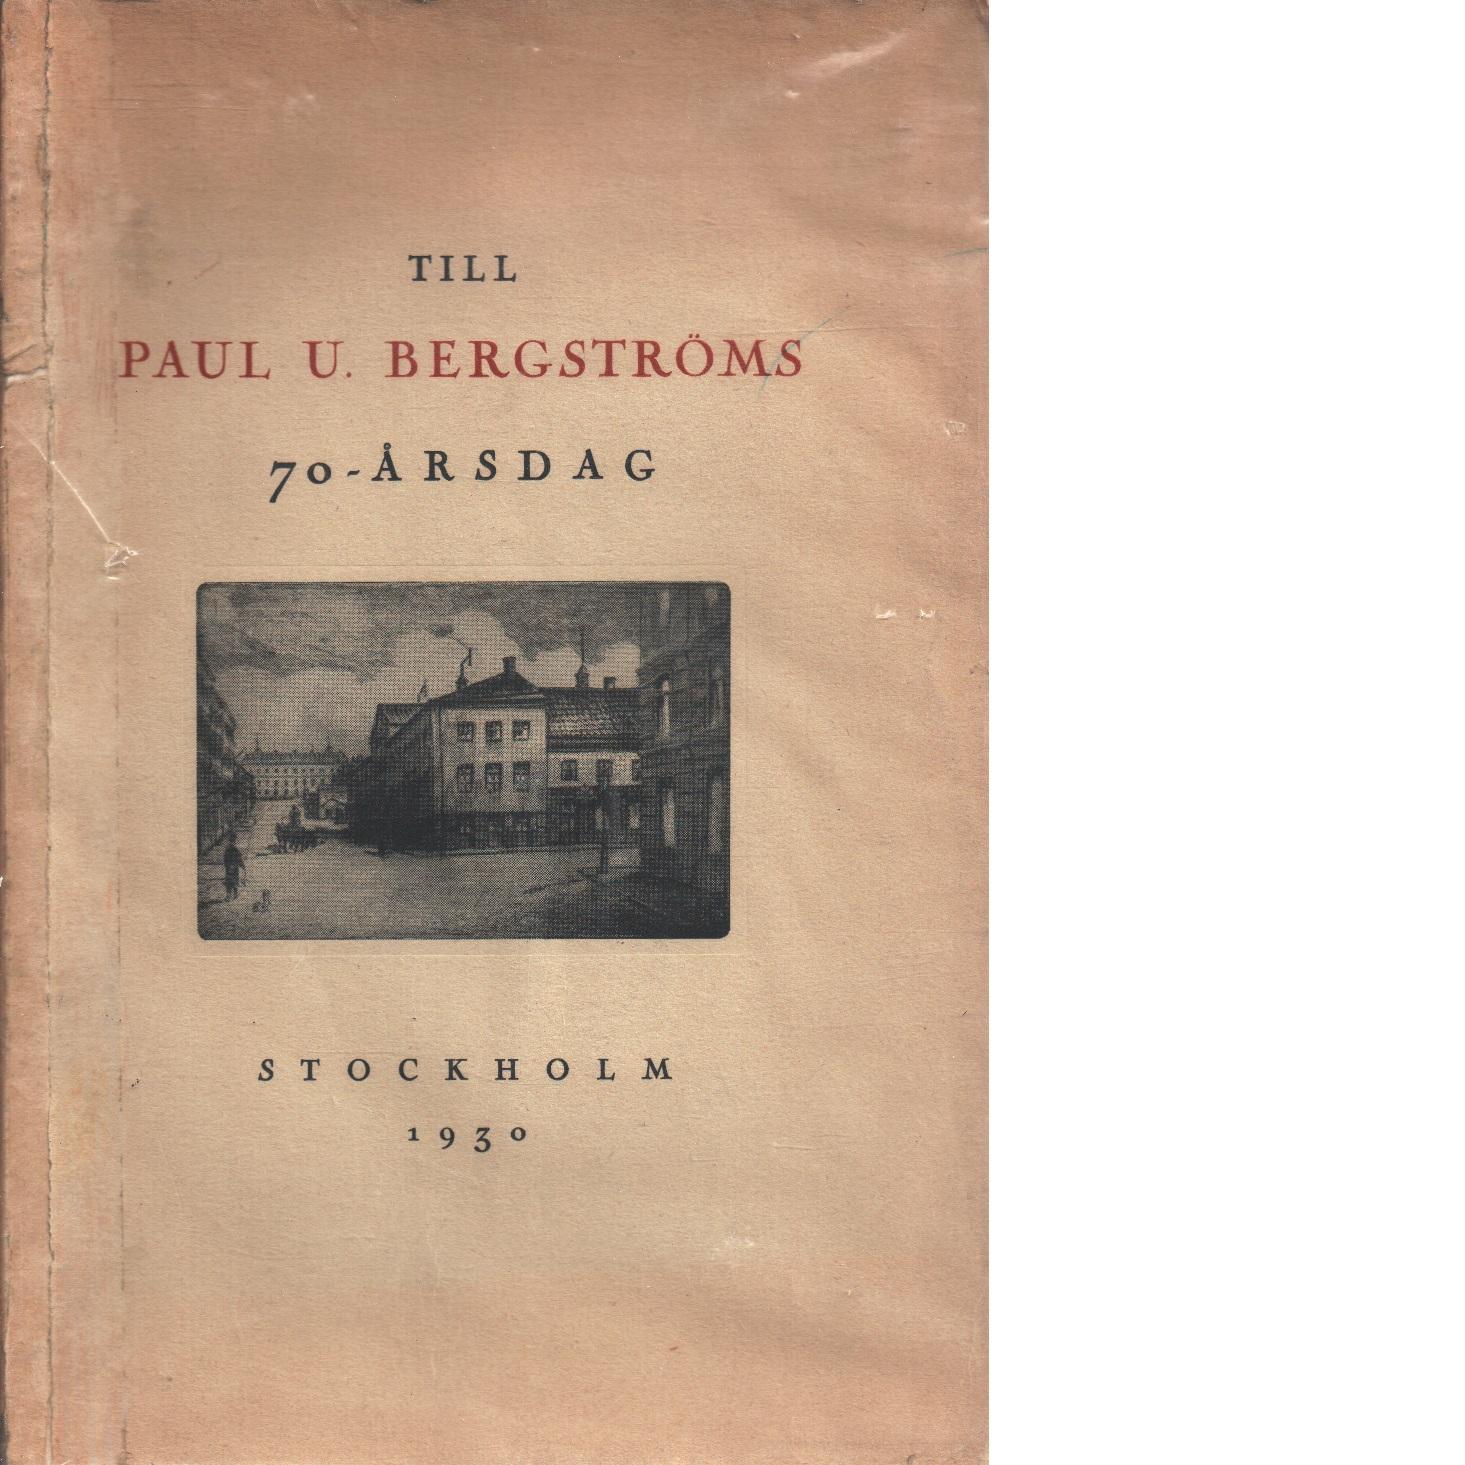 Till Paul U. Bergströms 70-årsdag 12/5 1930 : hans minnen och upplevelser - Haglund, Sven Och Bergström, Paul U.